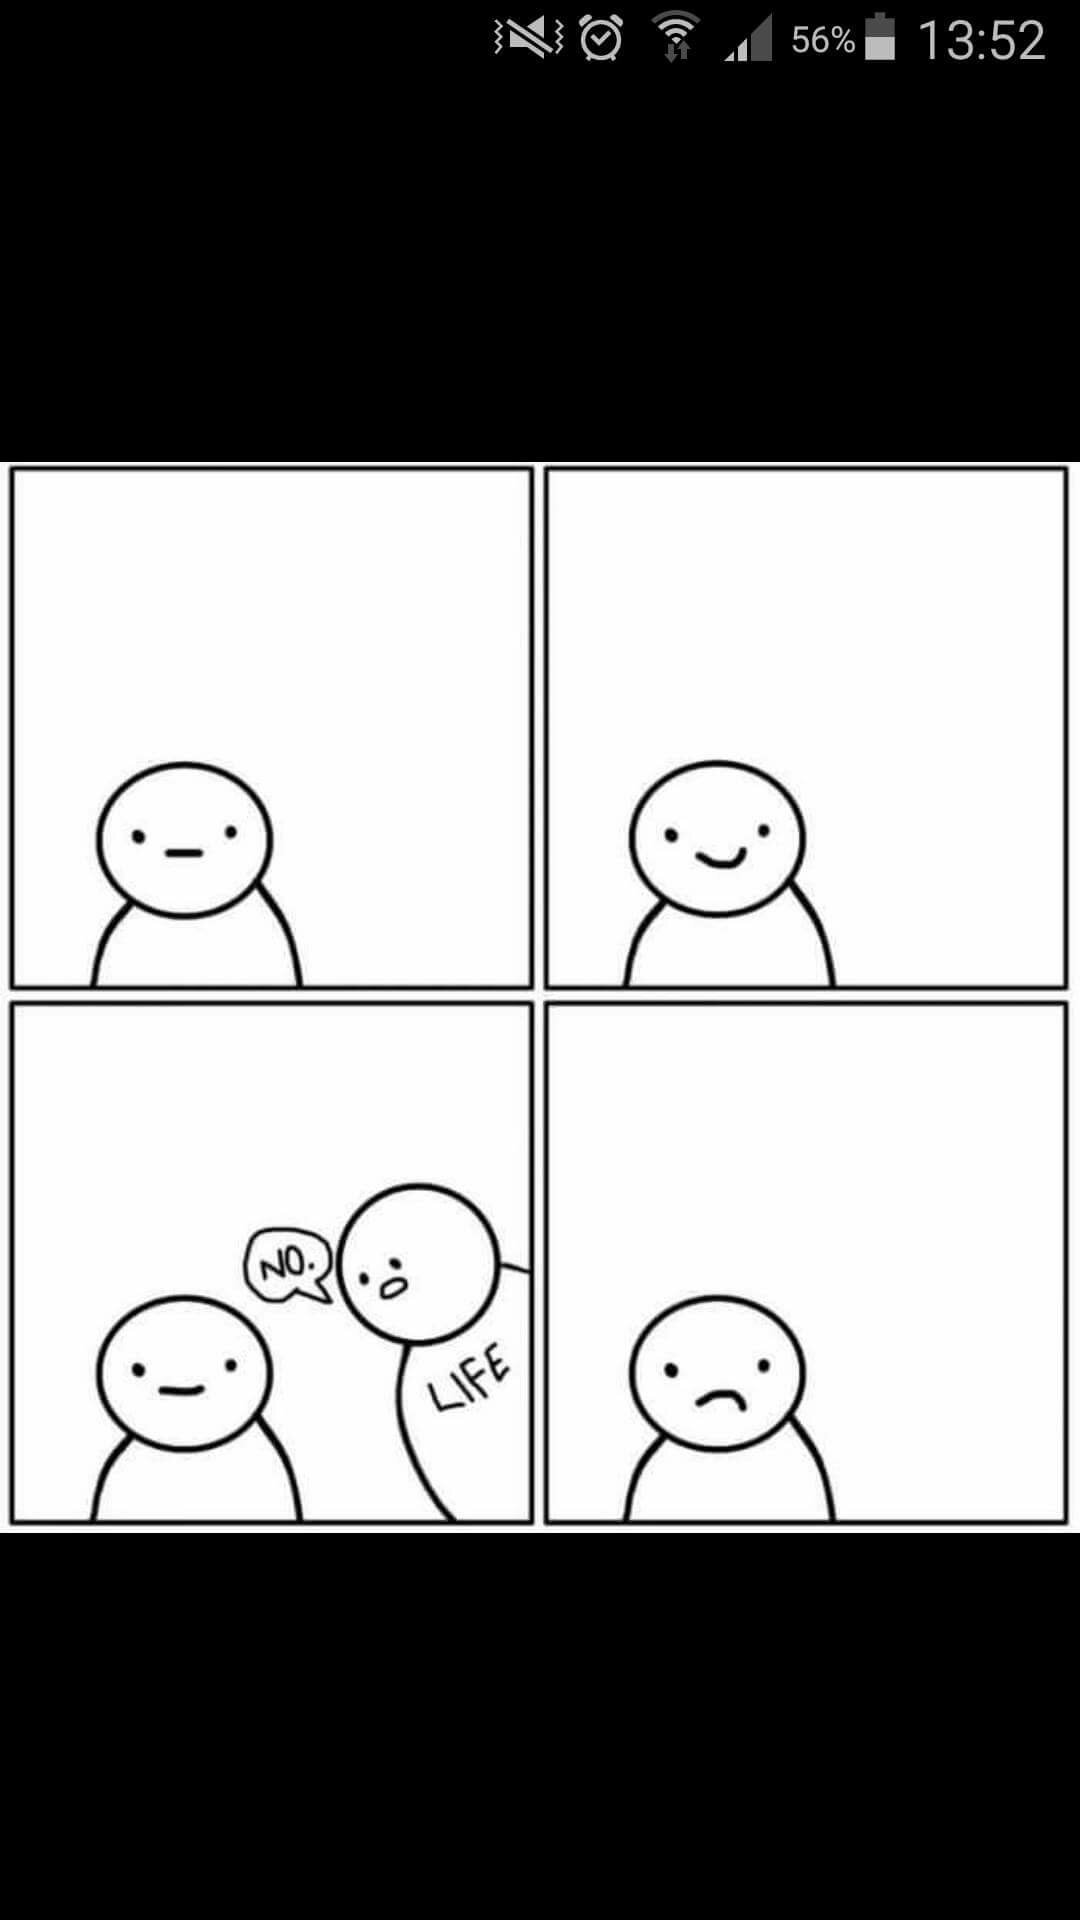 L'histoire de ma vie :c - meme